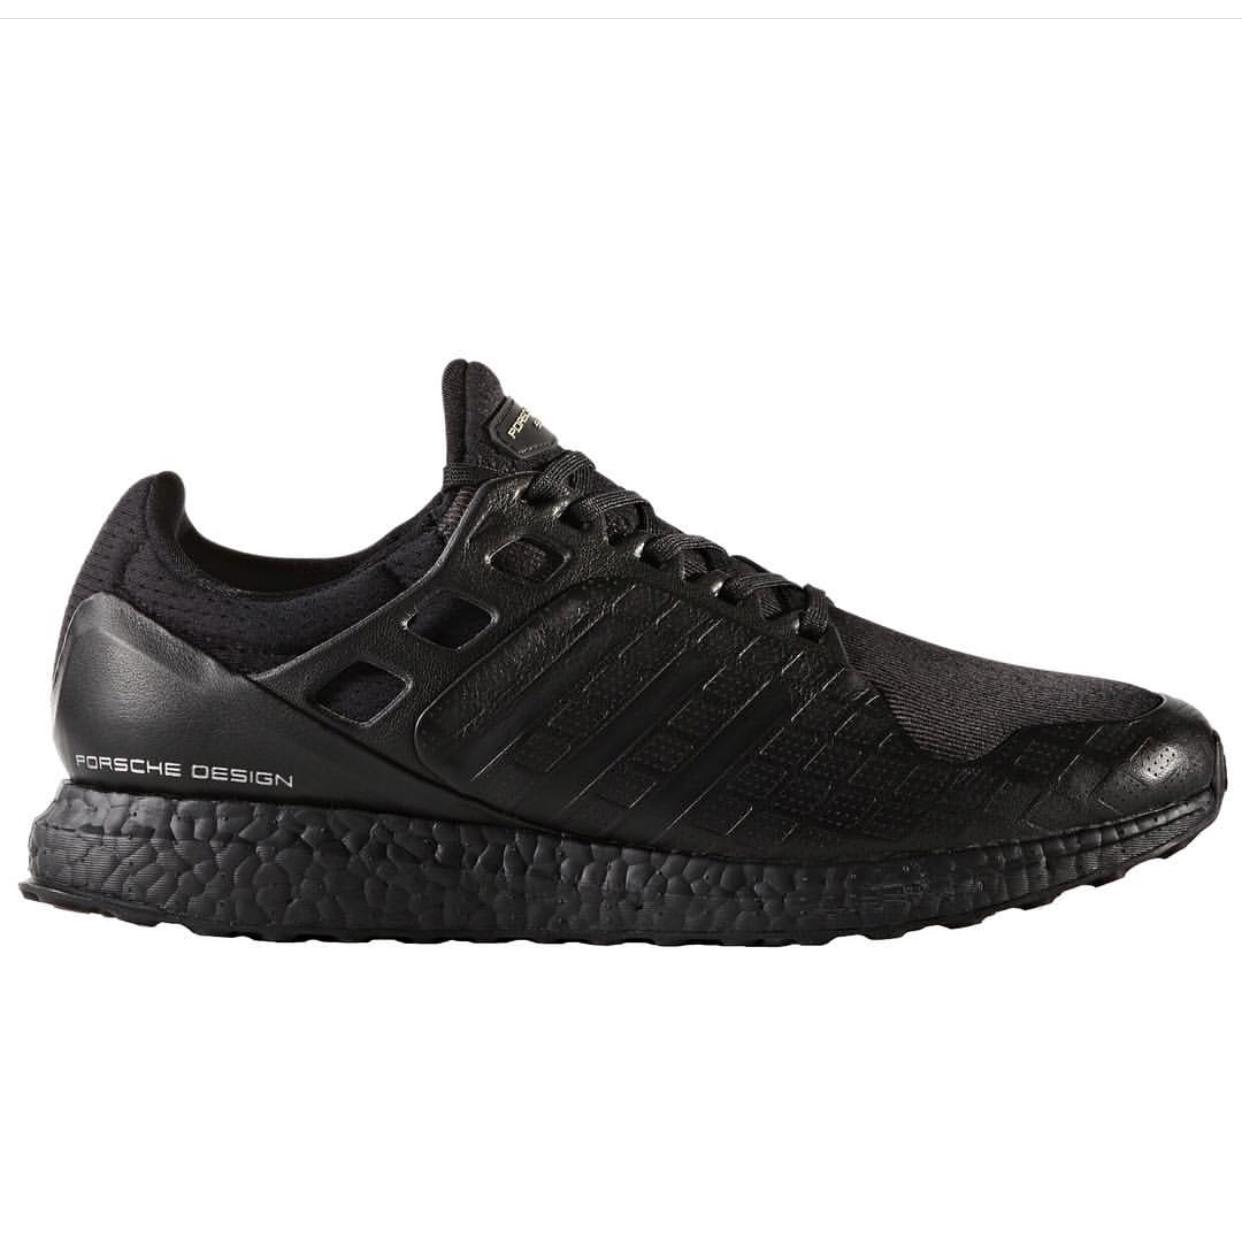 e6b9b61d38e72 Jual Sepatu adidas ultraboost ultra boost porsche design triple black ...